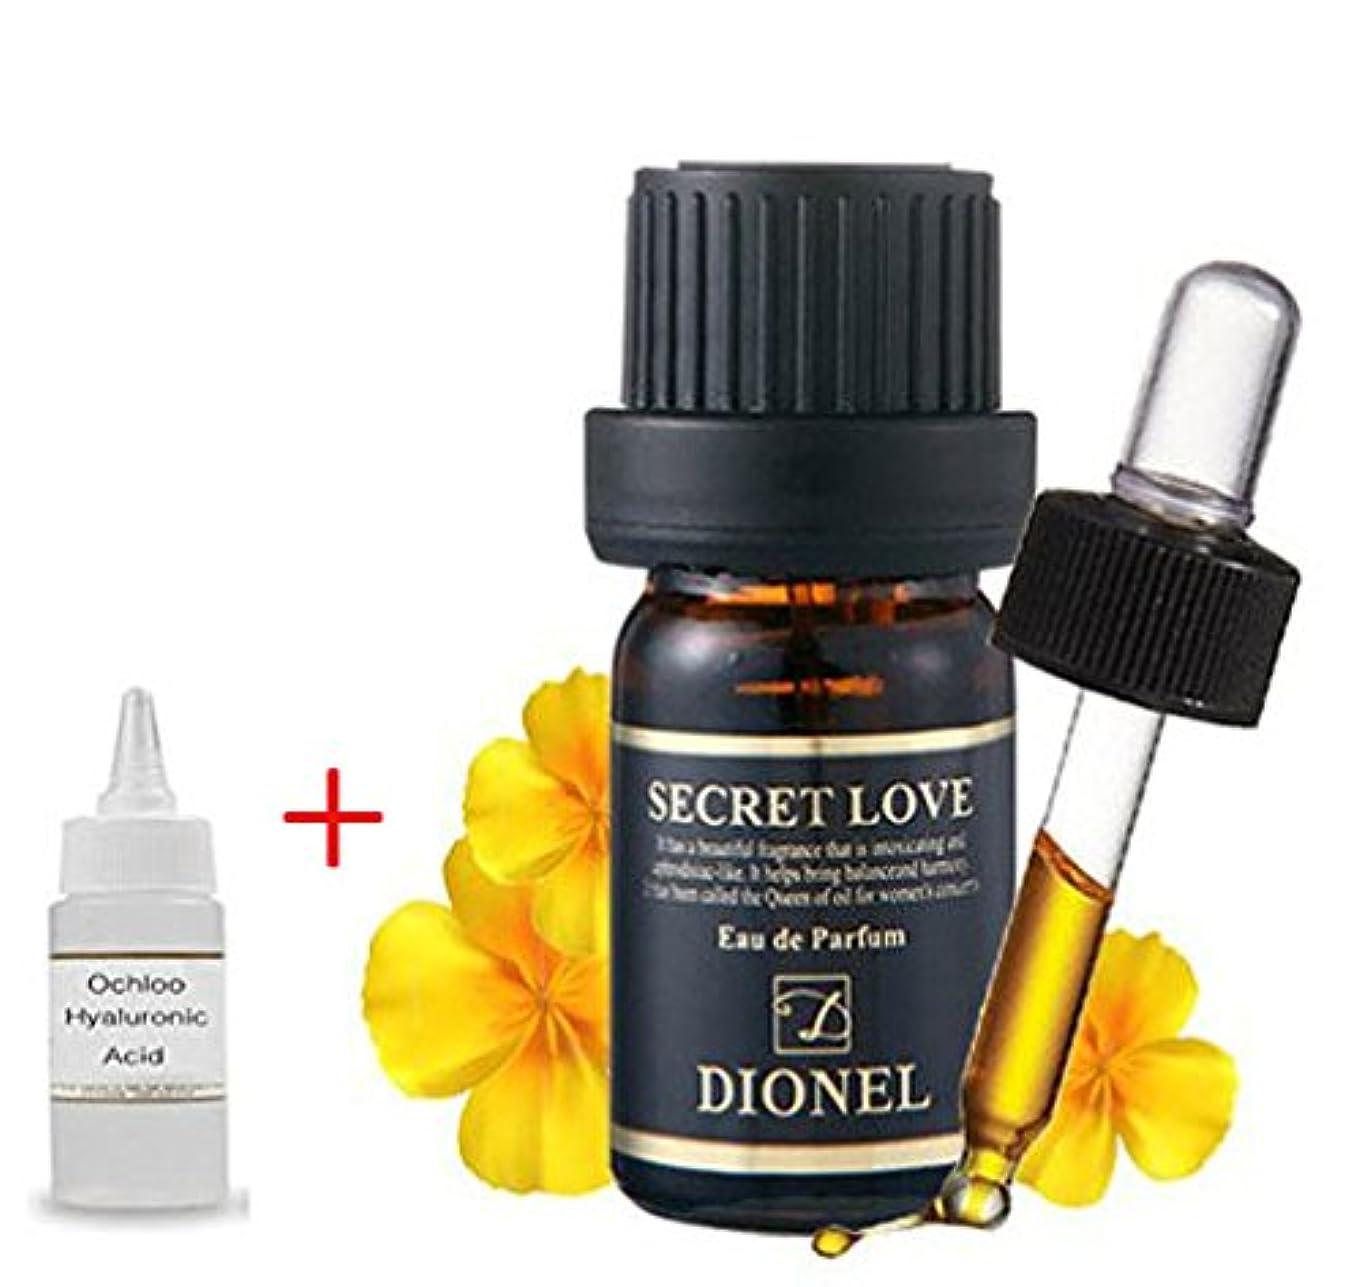 楽しいステップ年次[Dionel] 香水のような女性清潔剤、プレミアムアロマエッセンス Original Love Secret Black Edition Dionel 5ml. ラブブラックエディション、一滴の奇跡. Made in...